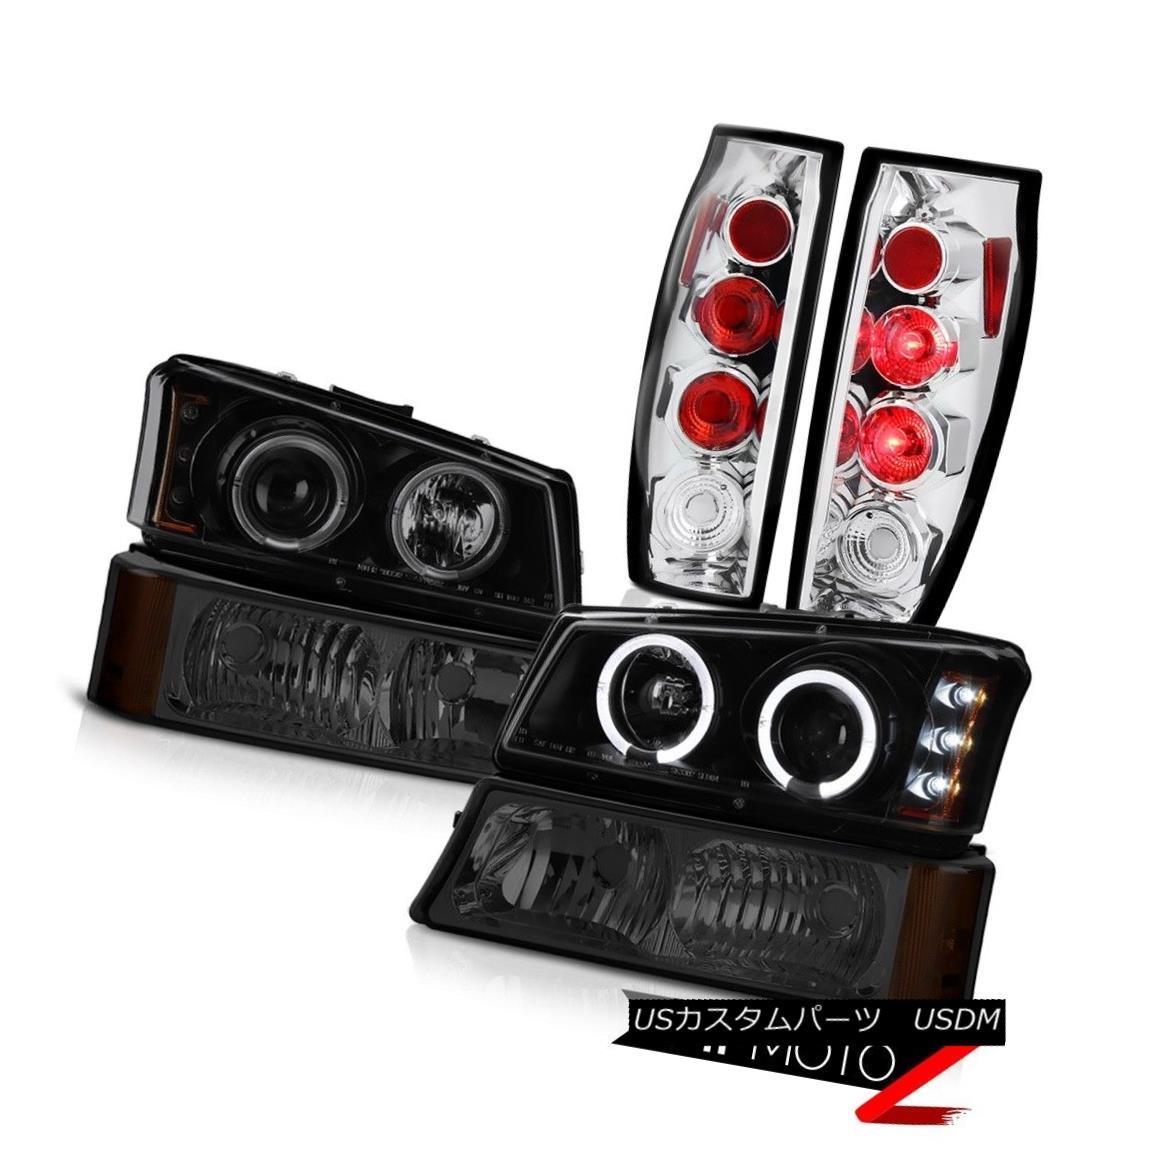 テールライト 03-06 Avalanche Sterling Chrome Tail Brake Lamps Smokey Signal Light Headlamps 03-06アバランチェスターリングクロムテールブレーキランプスモーキーシグナルライトヘッドランプ